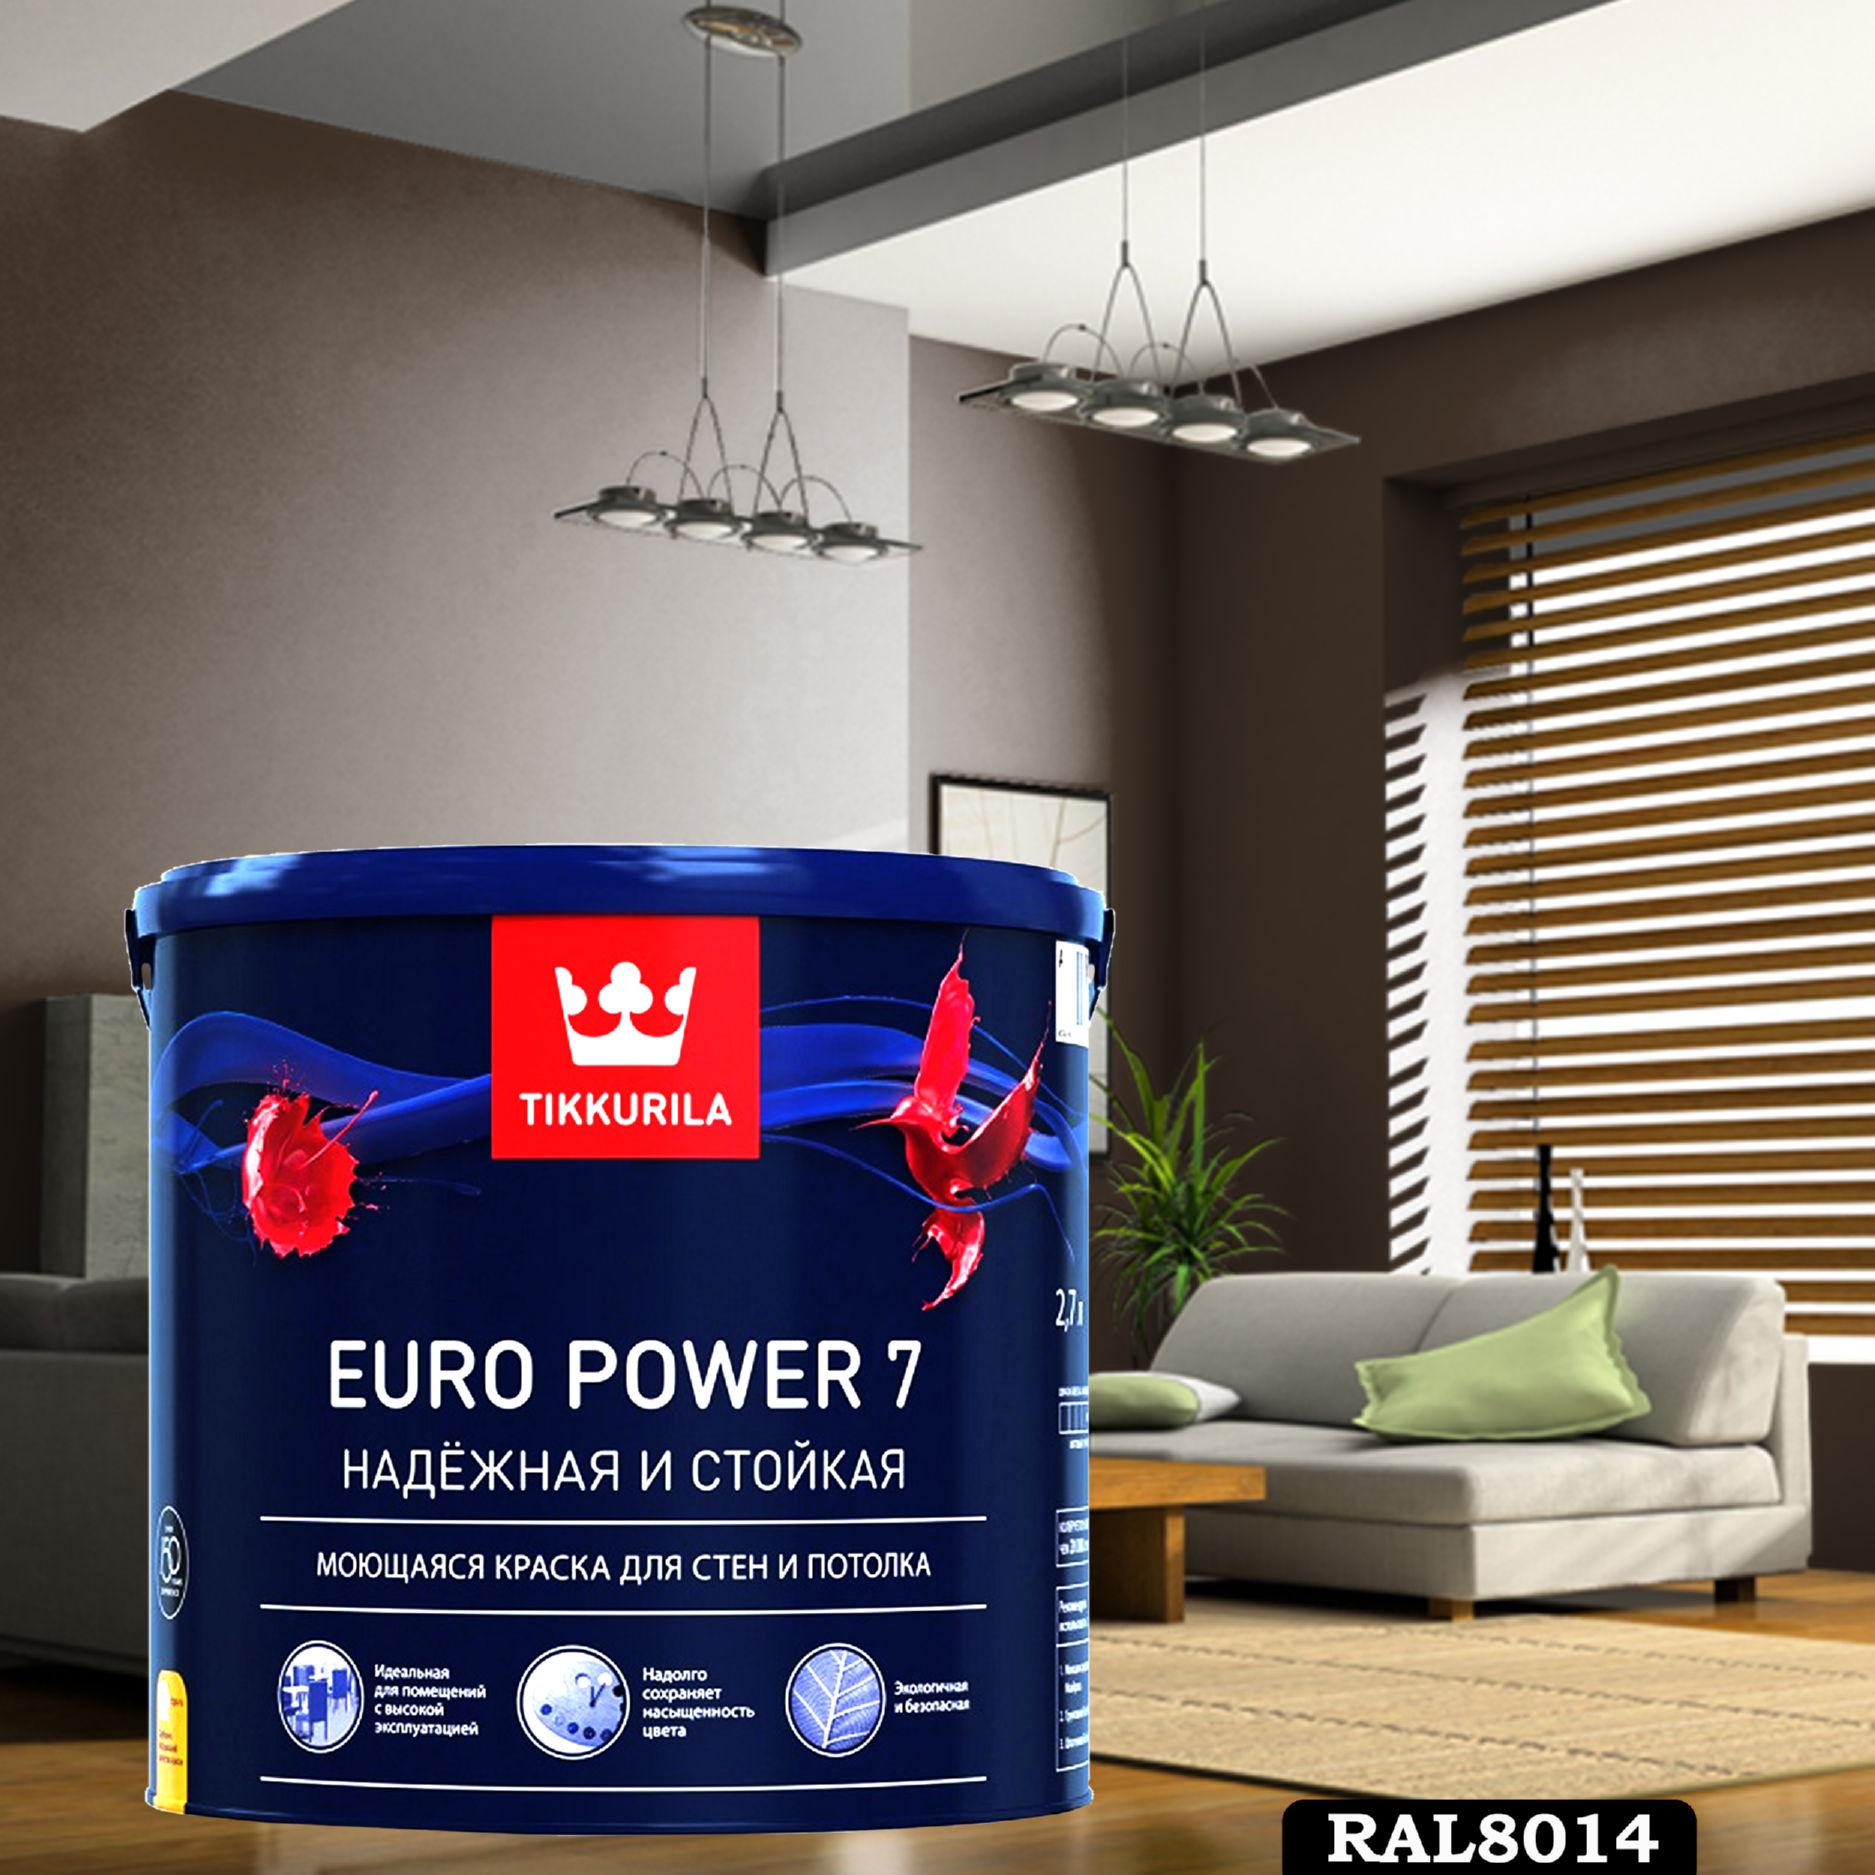 Фото 10 - Краска TIKKURILA Euro Power 7,  RAL 8014 Сепия-коричневый, латексная моющаяся матовая интерьерная, 9 л.